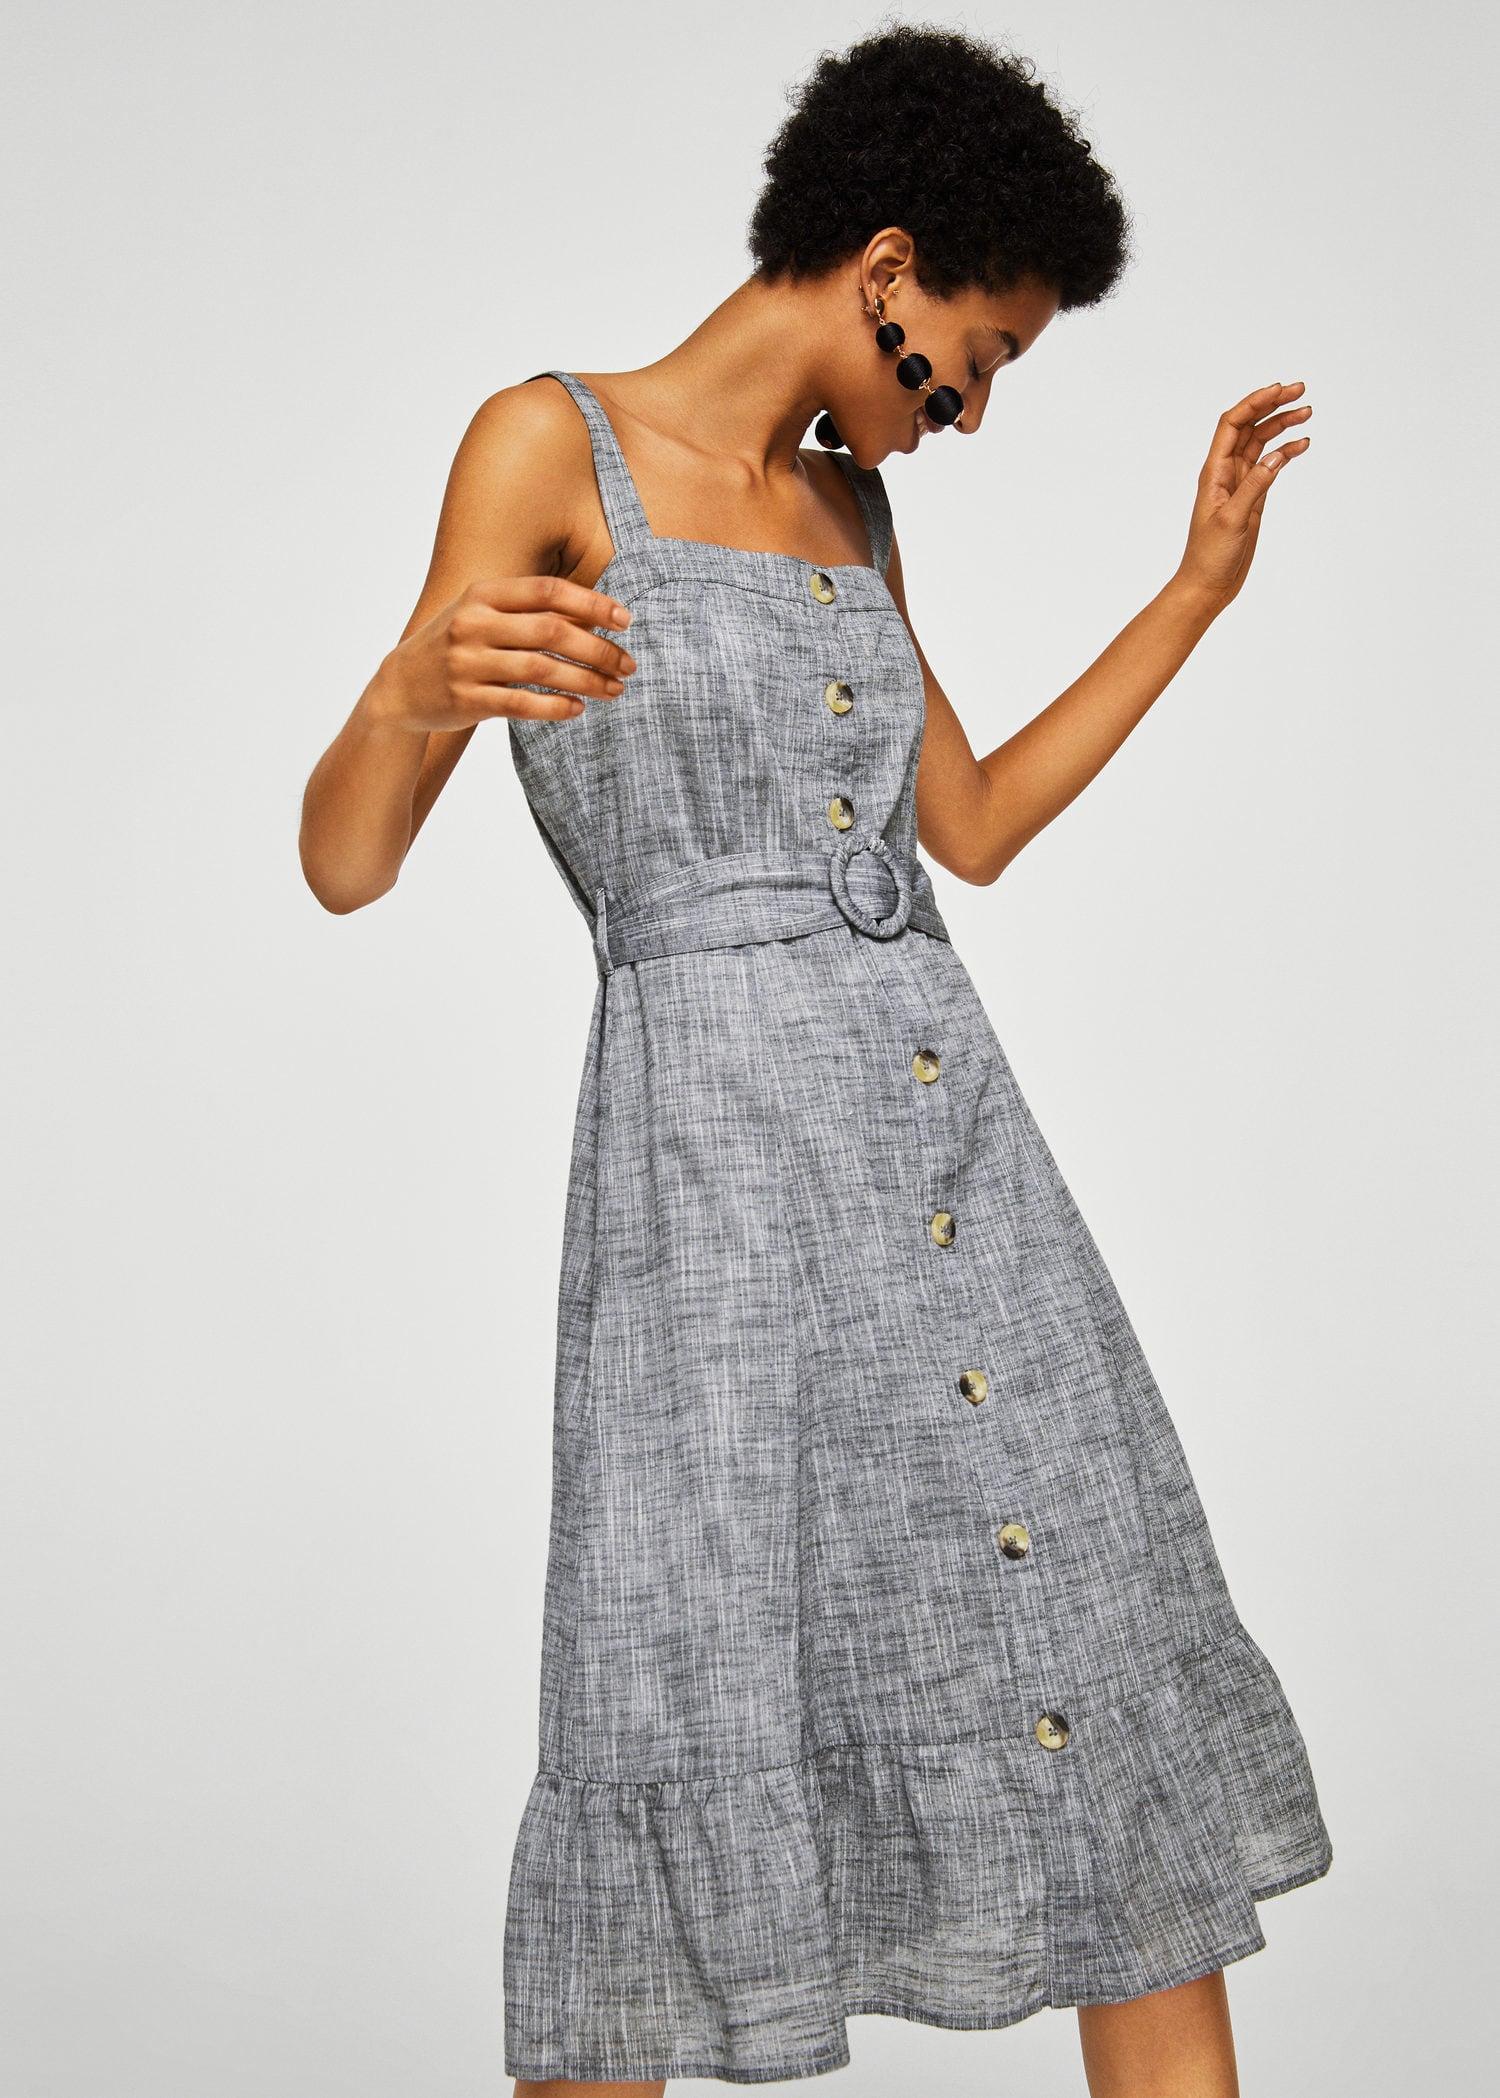 5. kép: Vászon ruha Mango 13 995 Ft